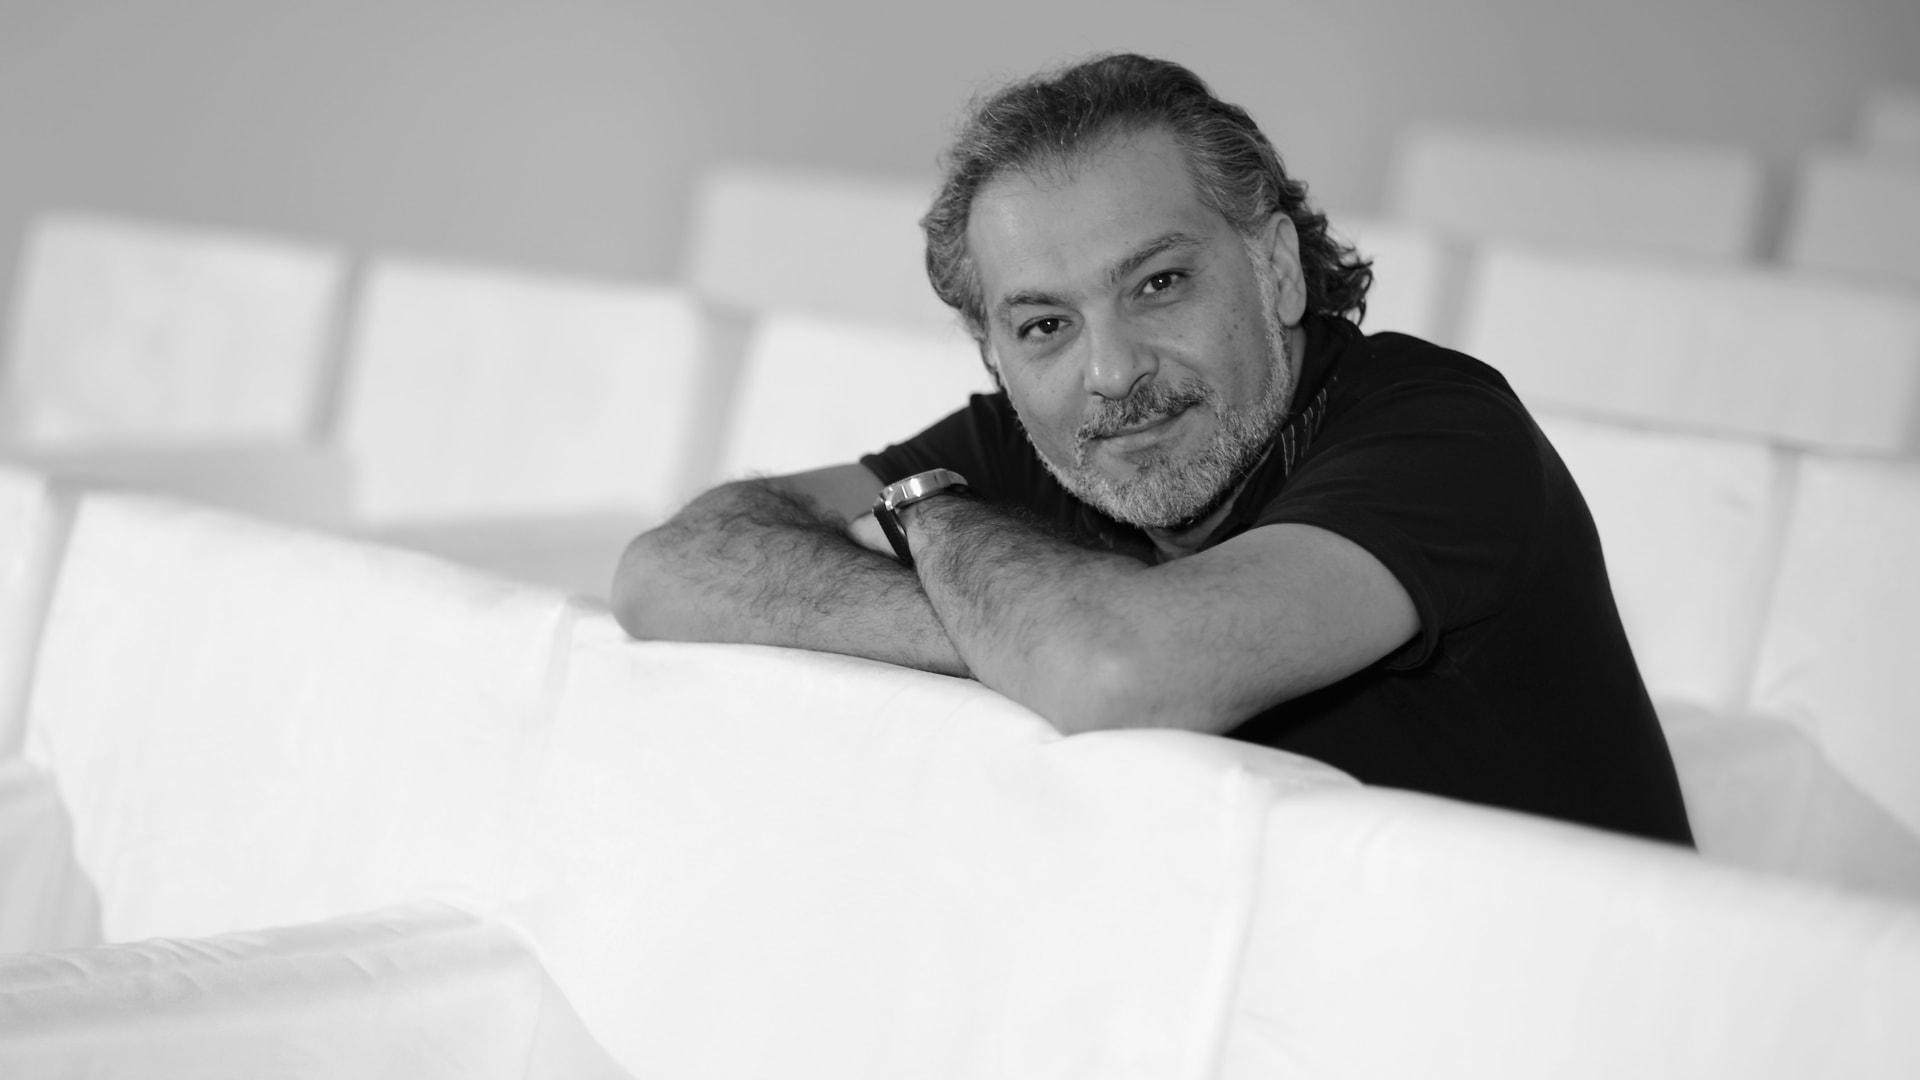 نقيب الممثلين في مصر لـCNN: وفاة المخرج السوري حاتم علي طبيعية